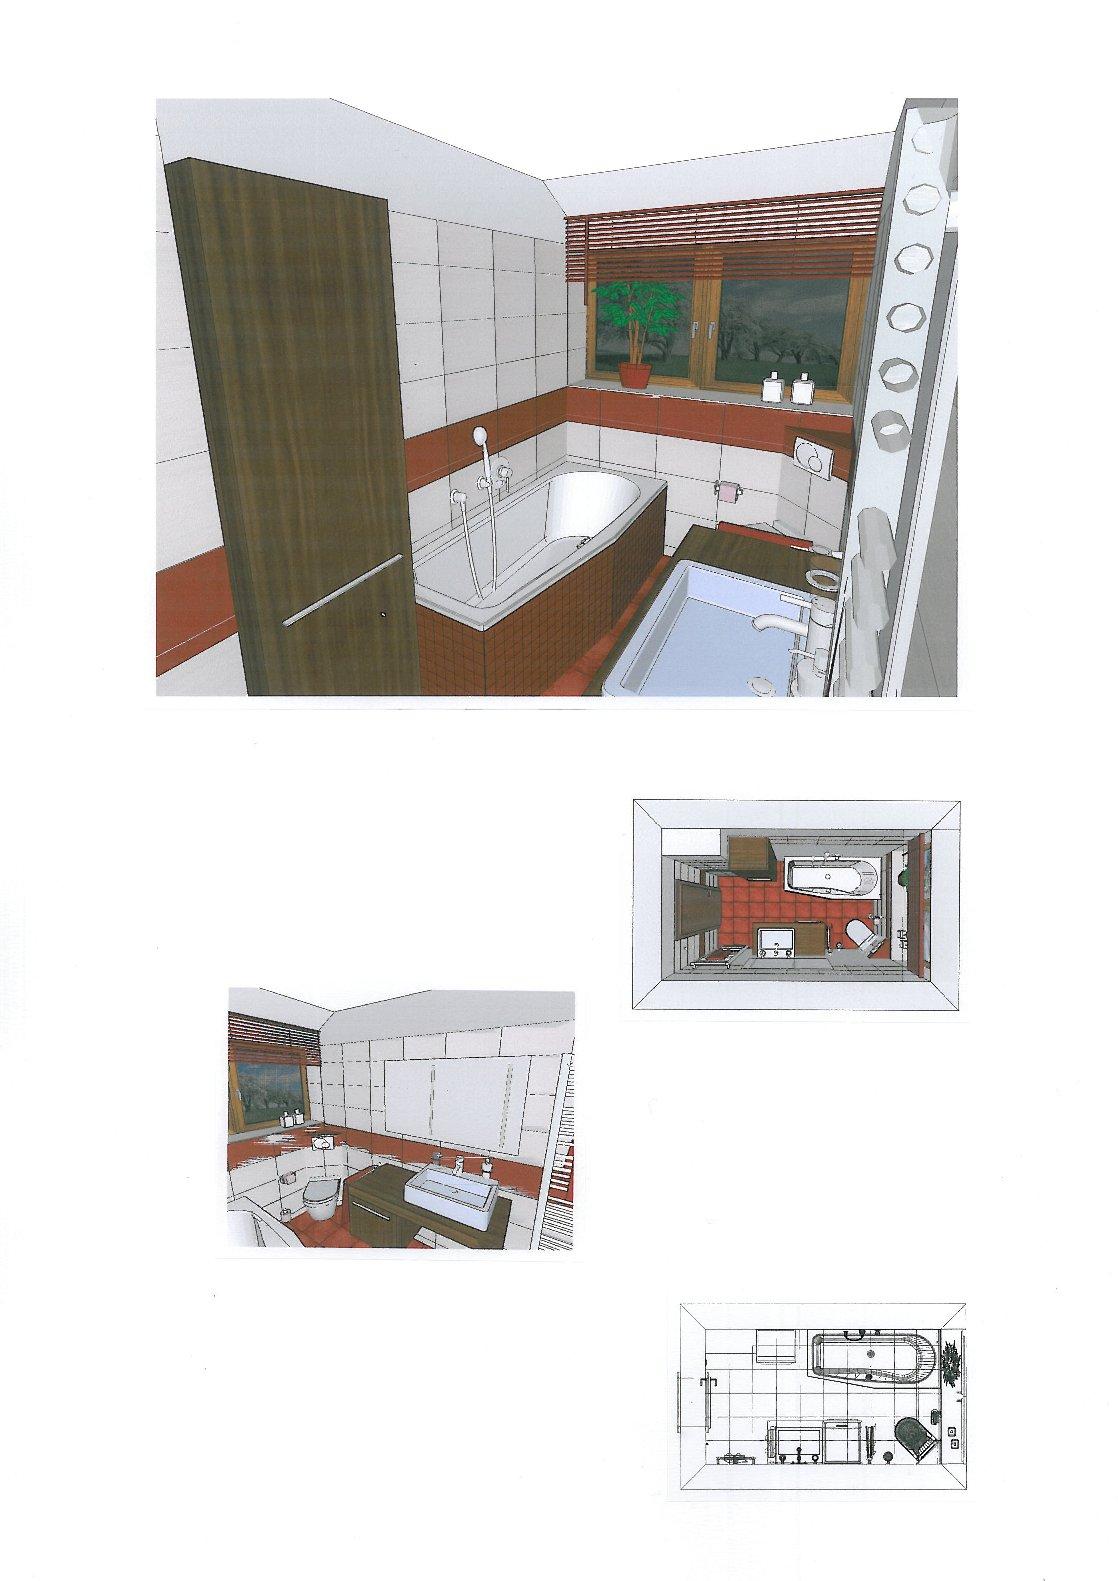 peussner email fotos telefonnummern. Black Bedroom Furniture Sets. Home Design Ideas